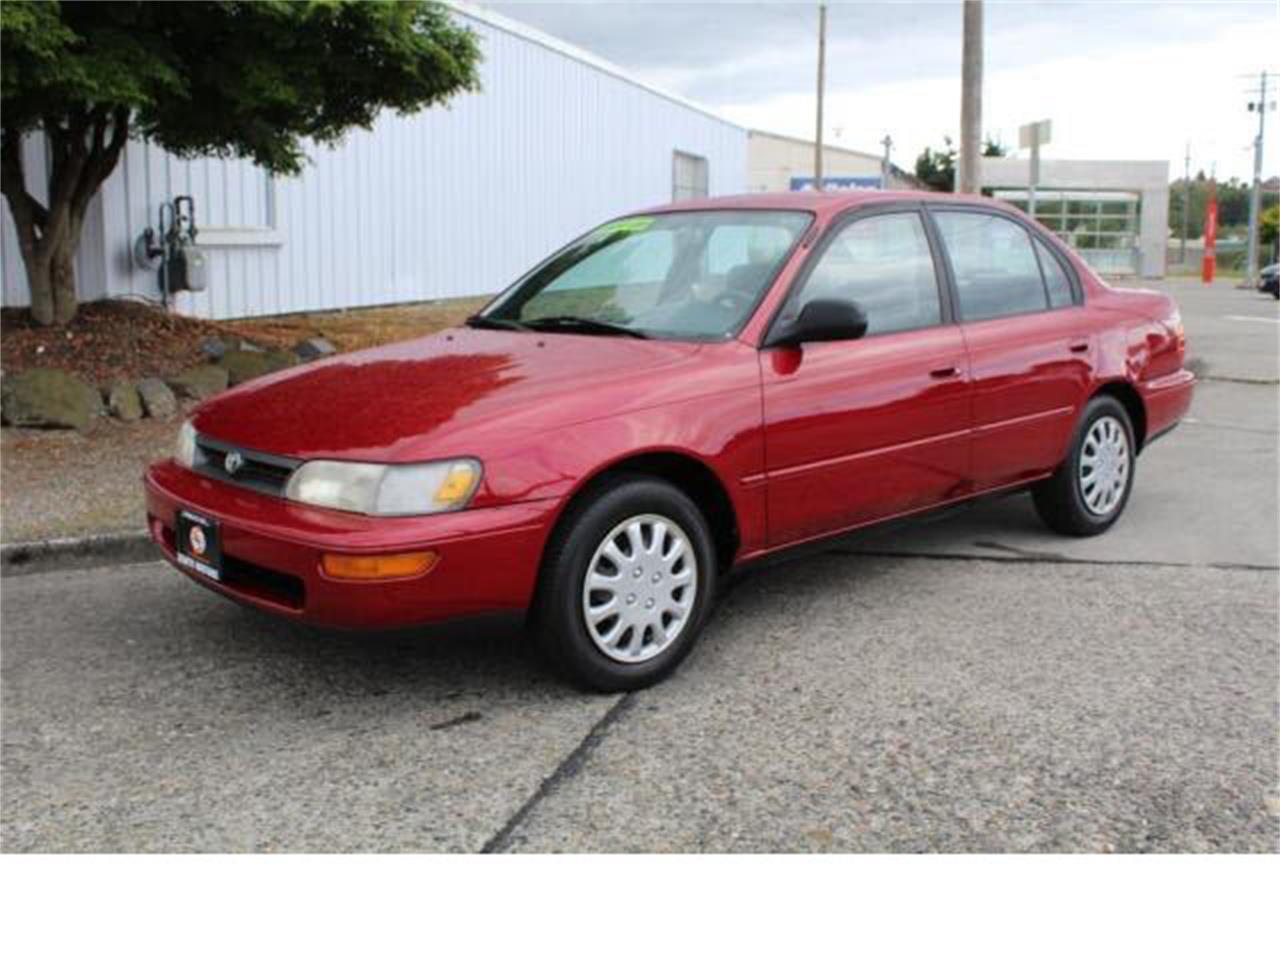 Kelebihan Kekurangan Toyota Corolla 1994 Top Model Tahun Ini